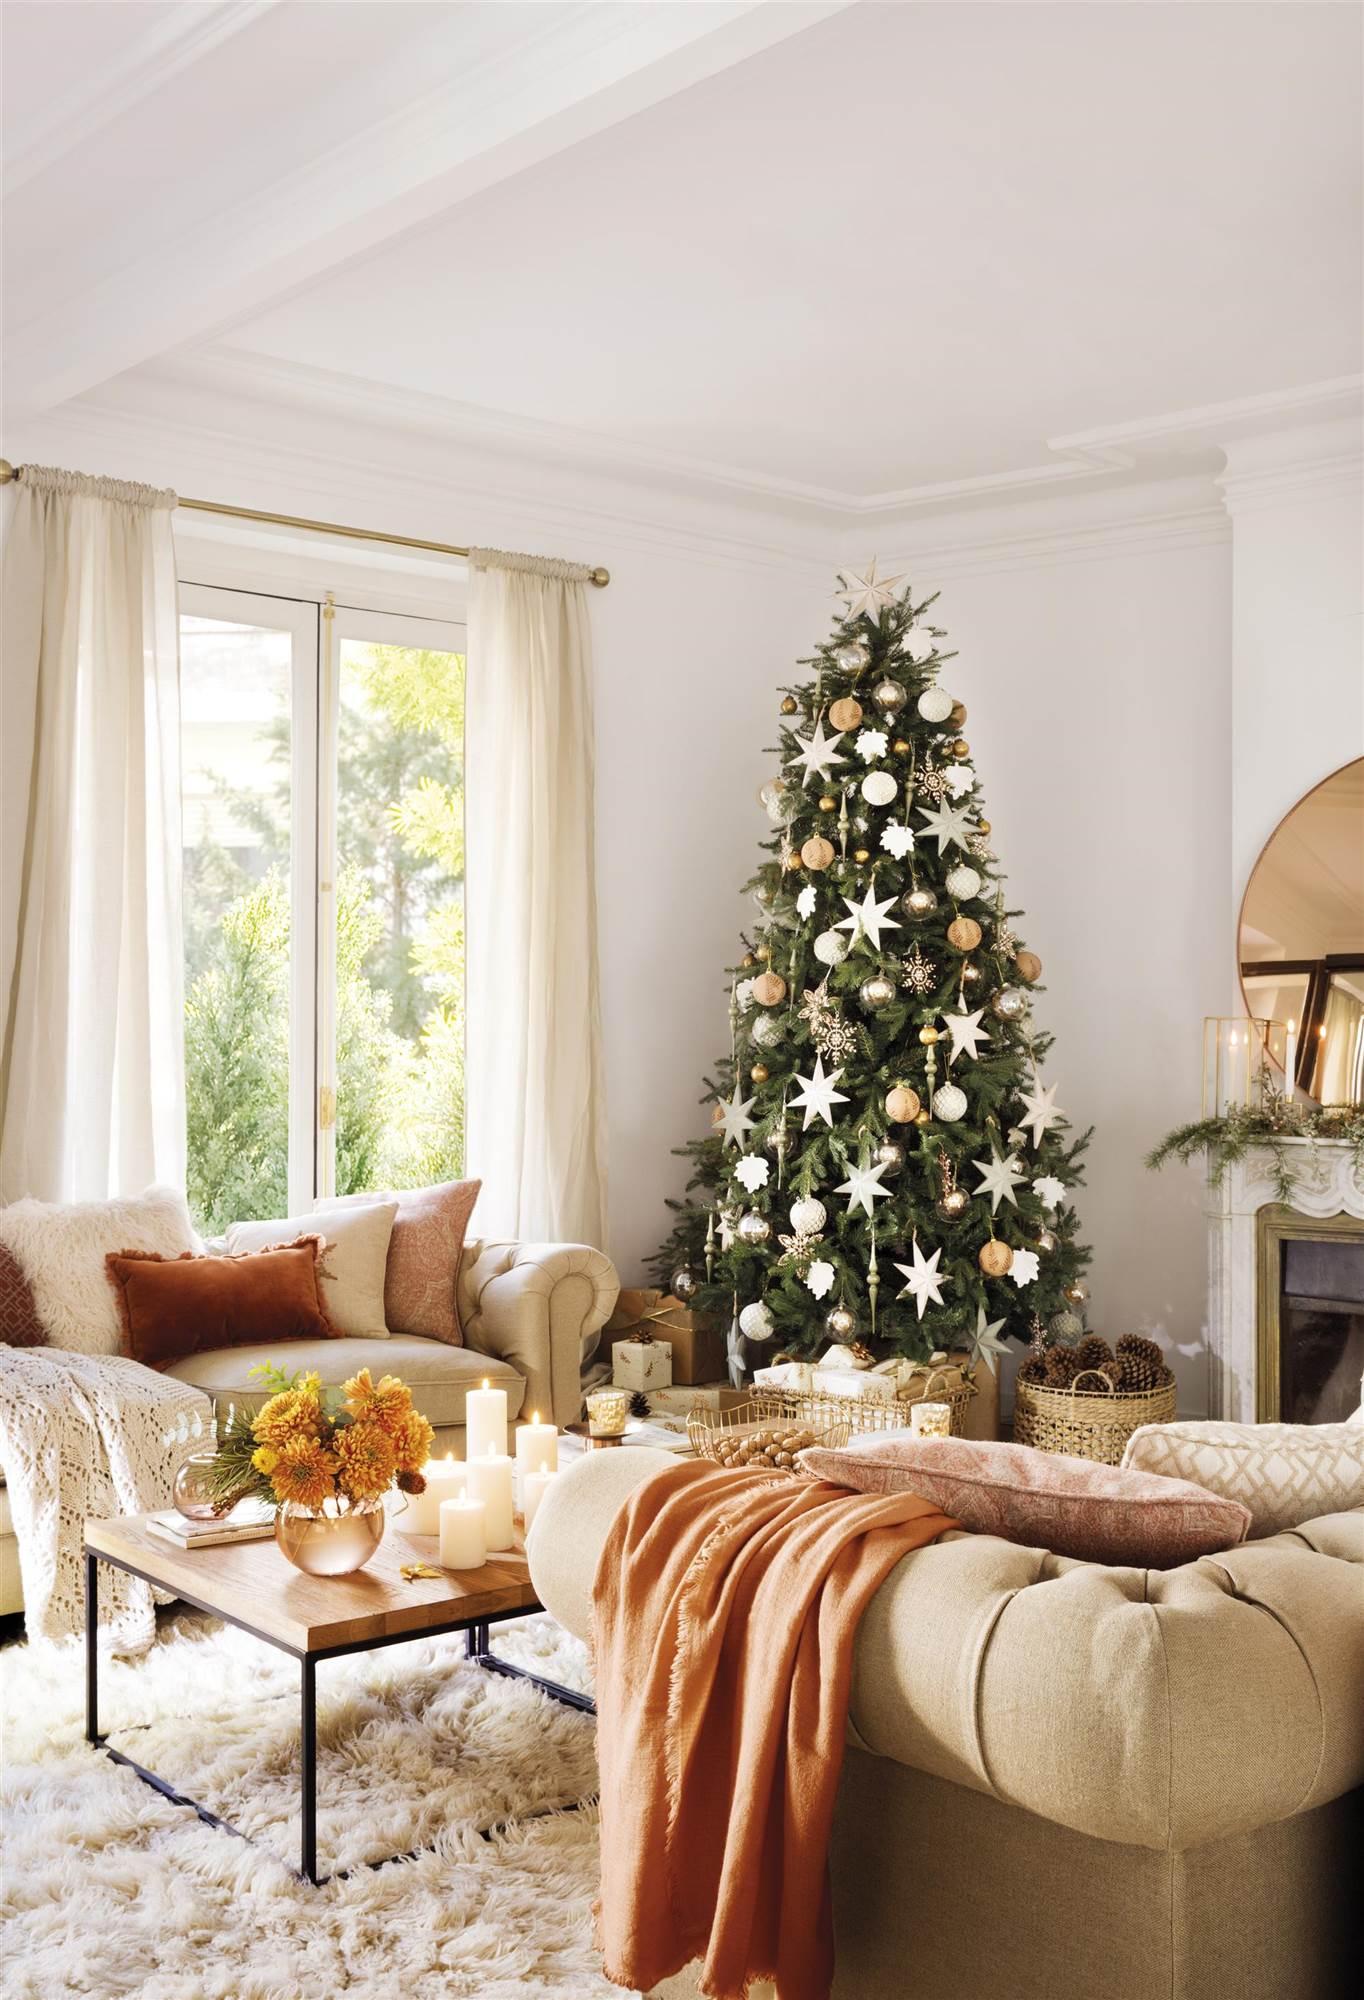 Ideas De Decoraci N Brillantes Para Navidad ~ Decoracion Navidad Corte Ingles